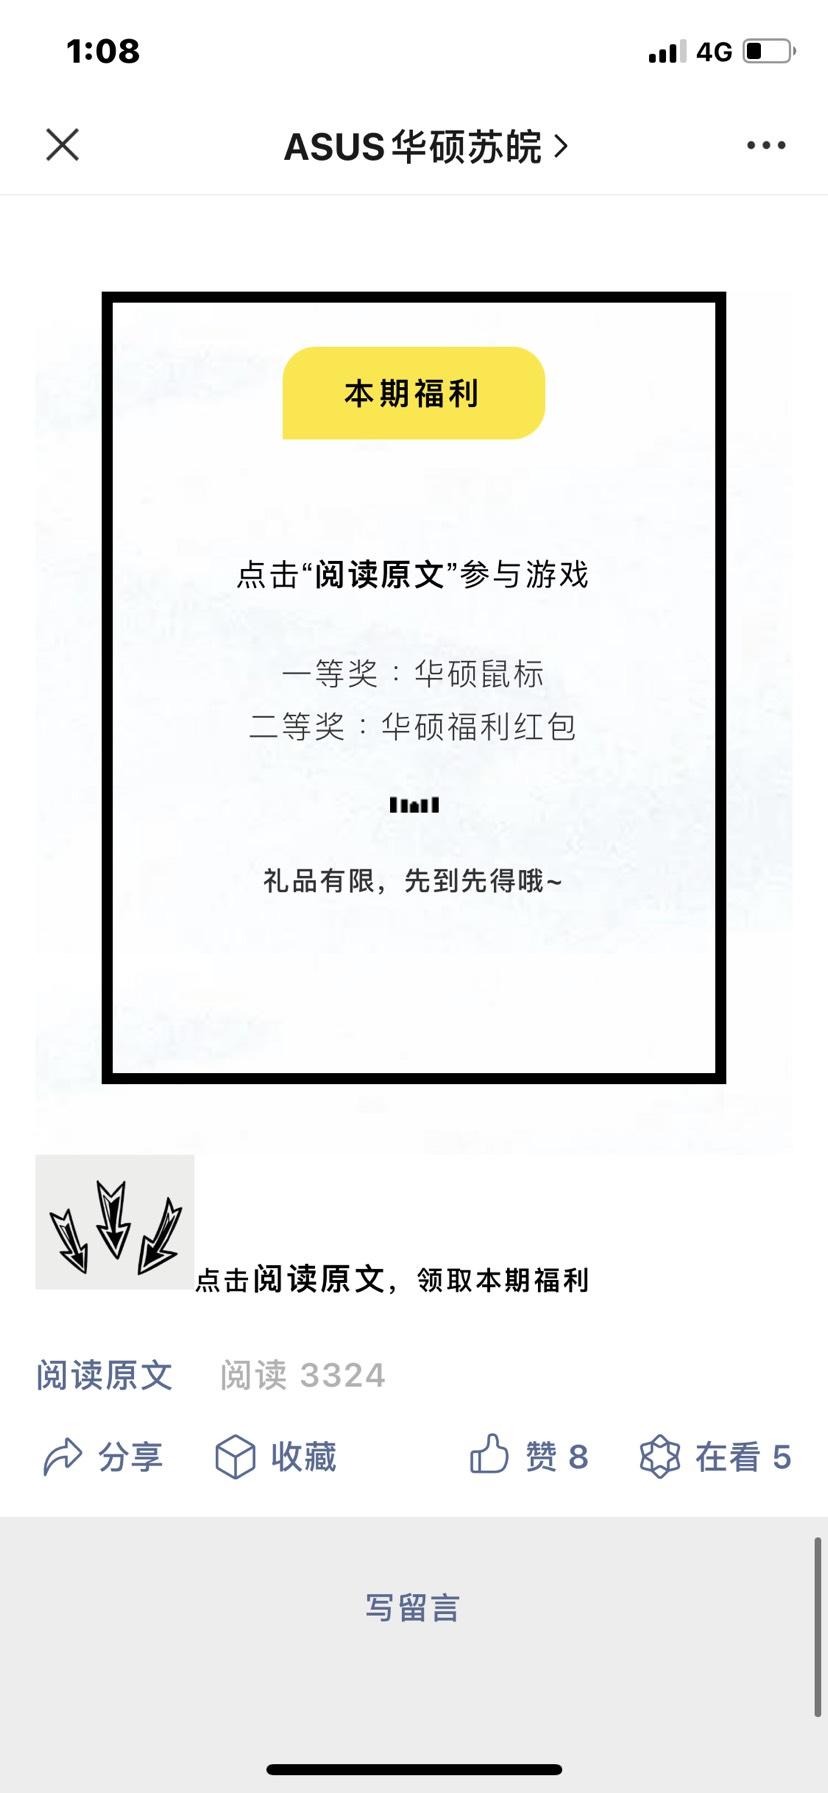 【现金红包】华硕抽微信红包插图1